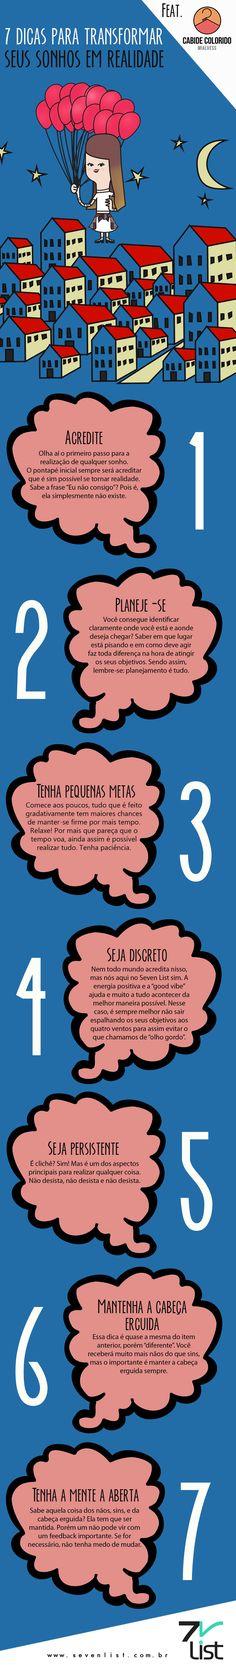 7 #dicas para transformar #sonhos em realidade